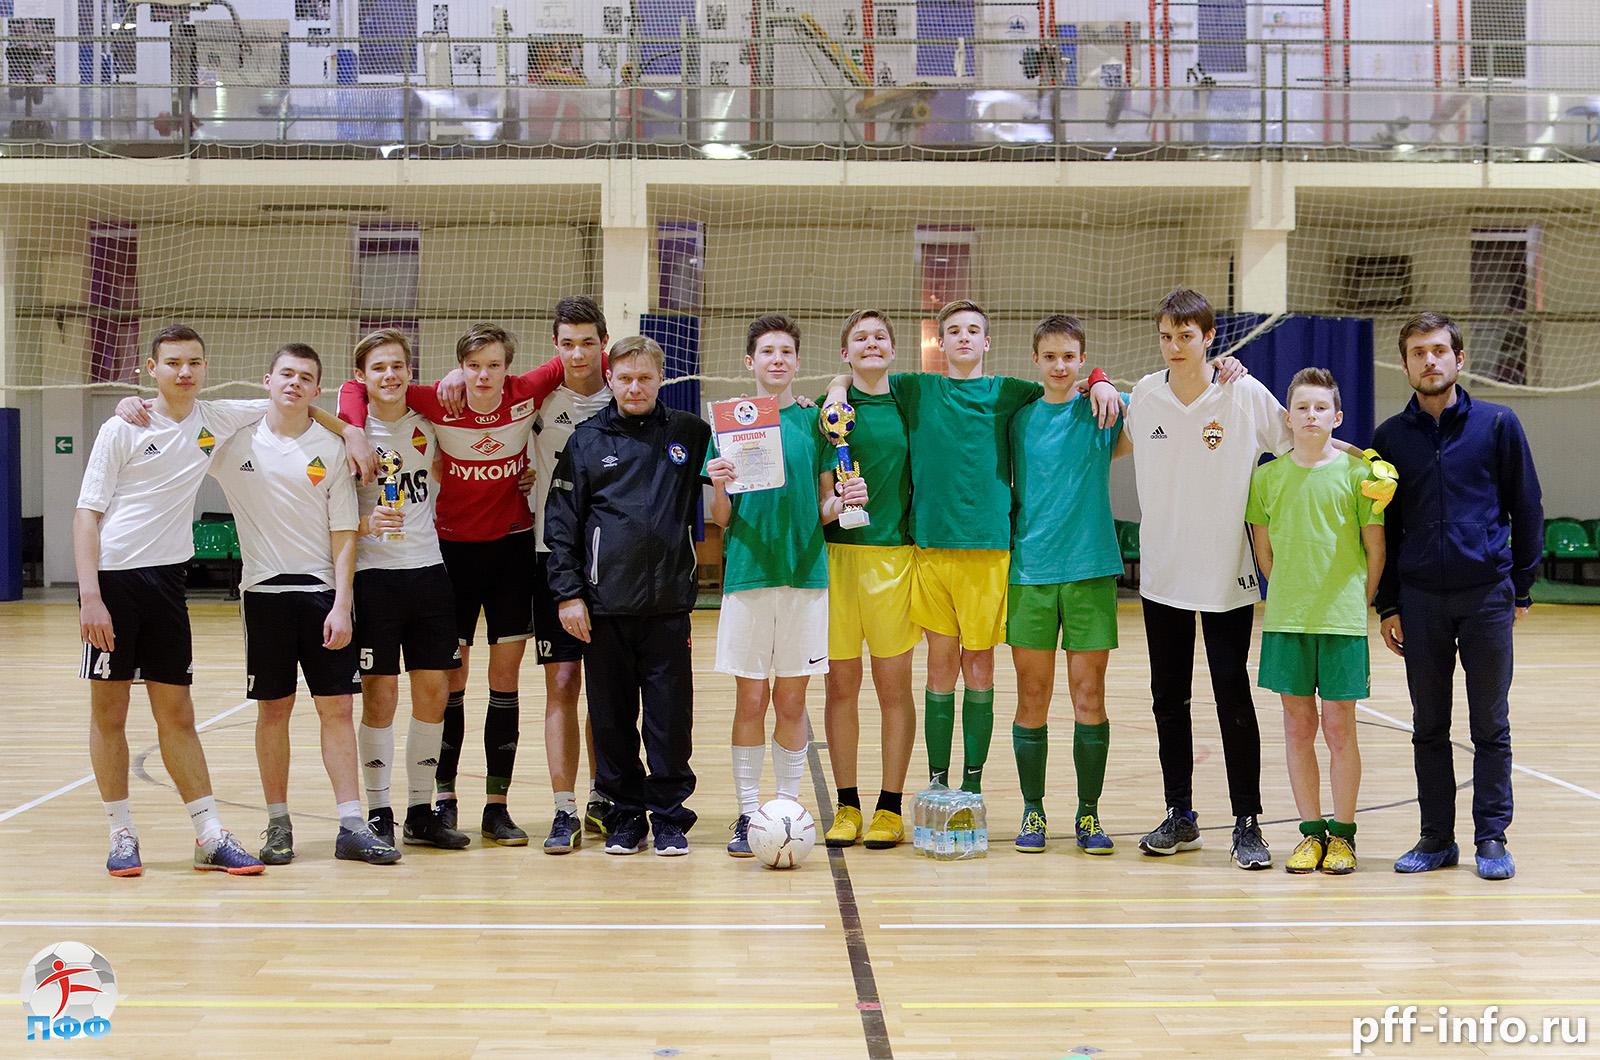 Сезон юношеского ТДК стартовал с Кубка Подольска по мини-футболу U16